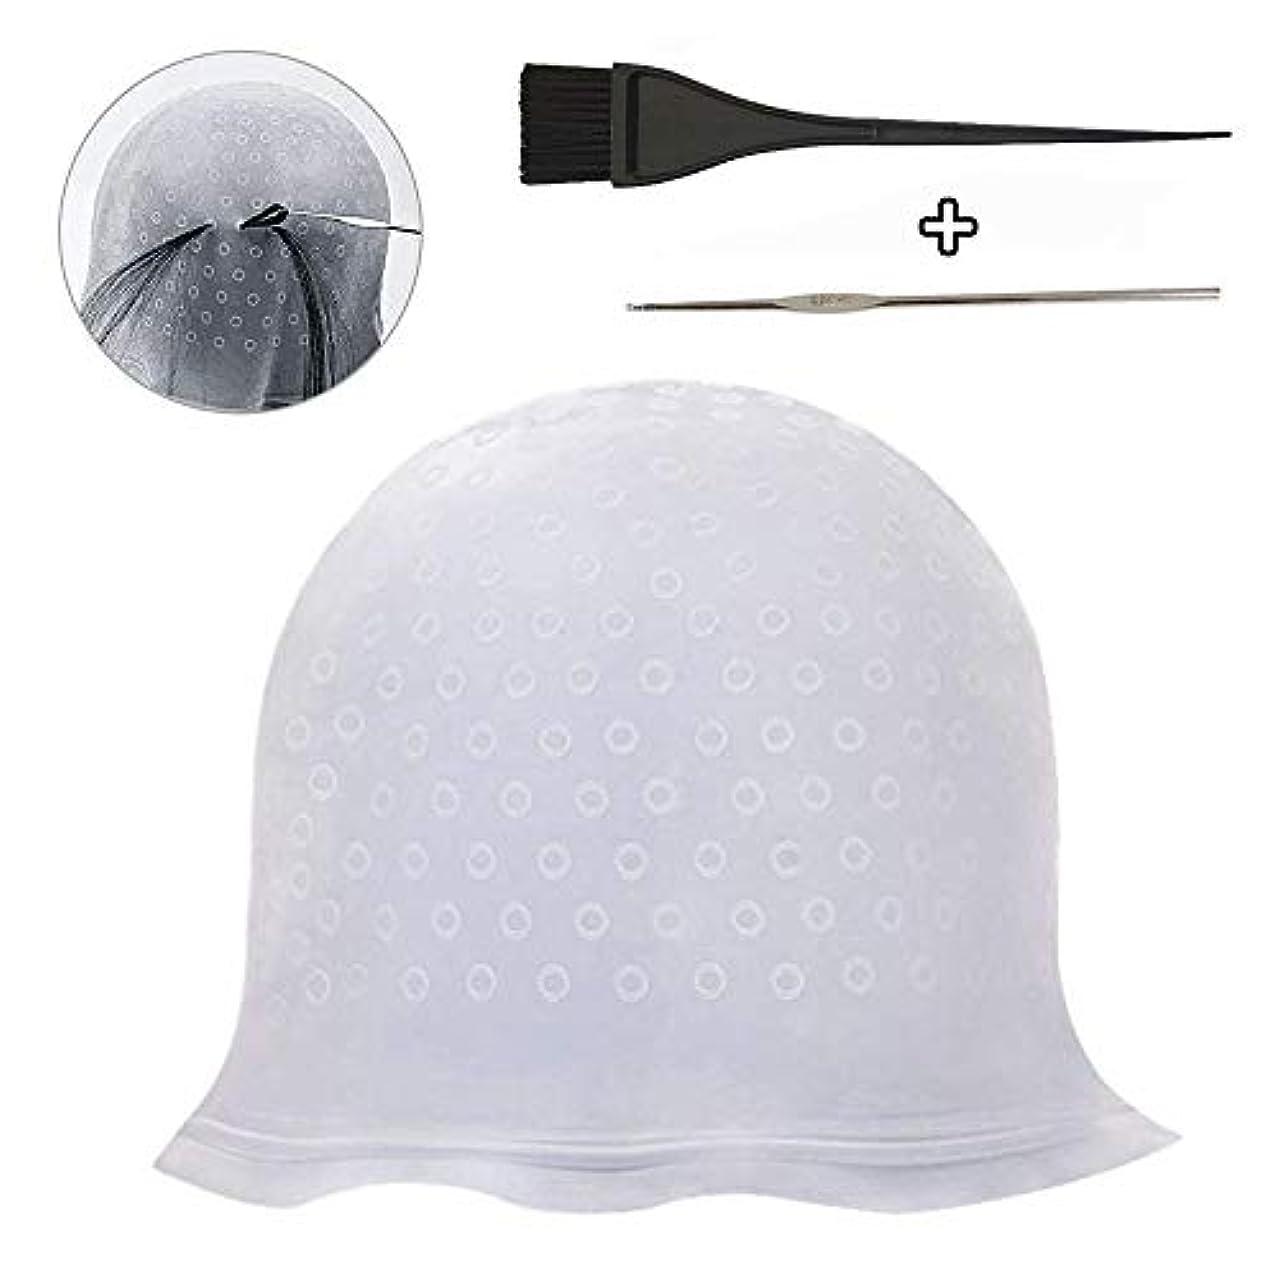 慣れる蒸し器スプリット毛染めキャップ 髪染め用ヘアキャップ シリコン製 ヘアカラー ヘアキャップ 自宅でヘアカラー 再利用可能 染め専用 メッシュ かぎ針とブラシ付き